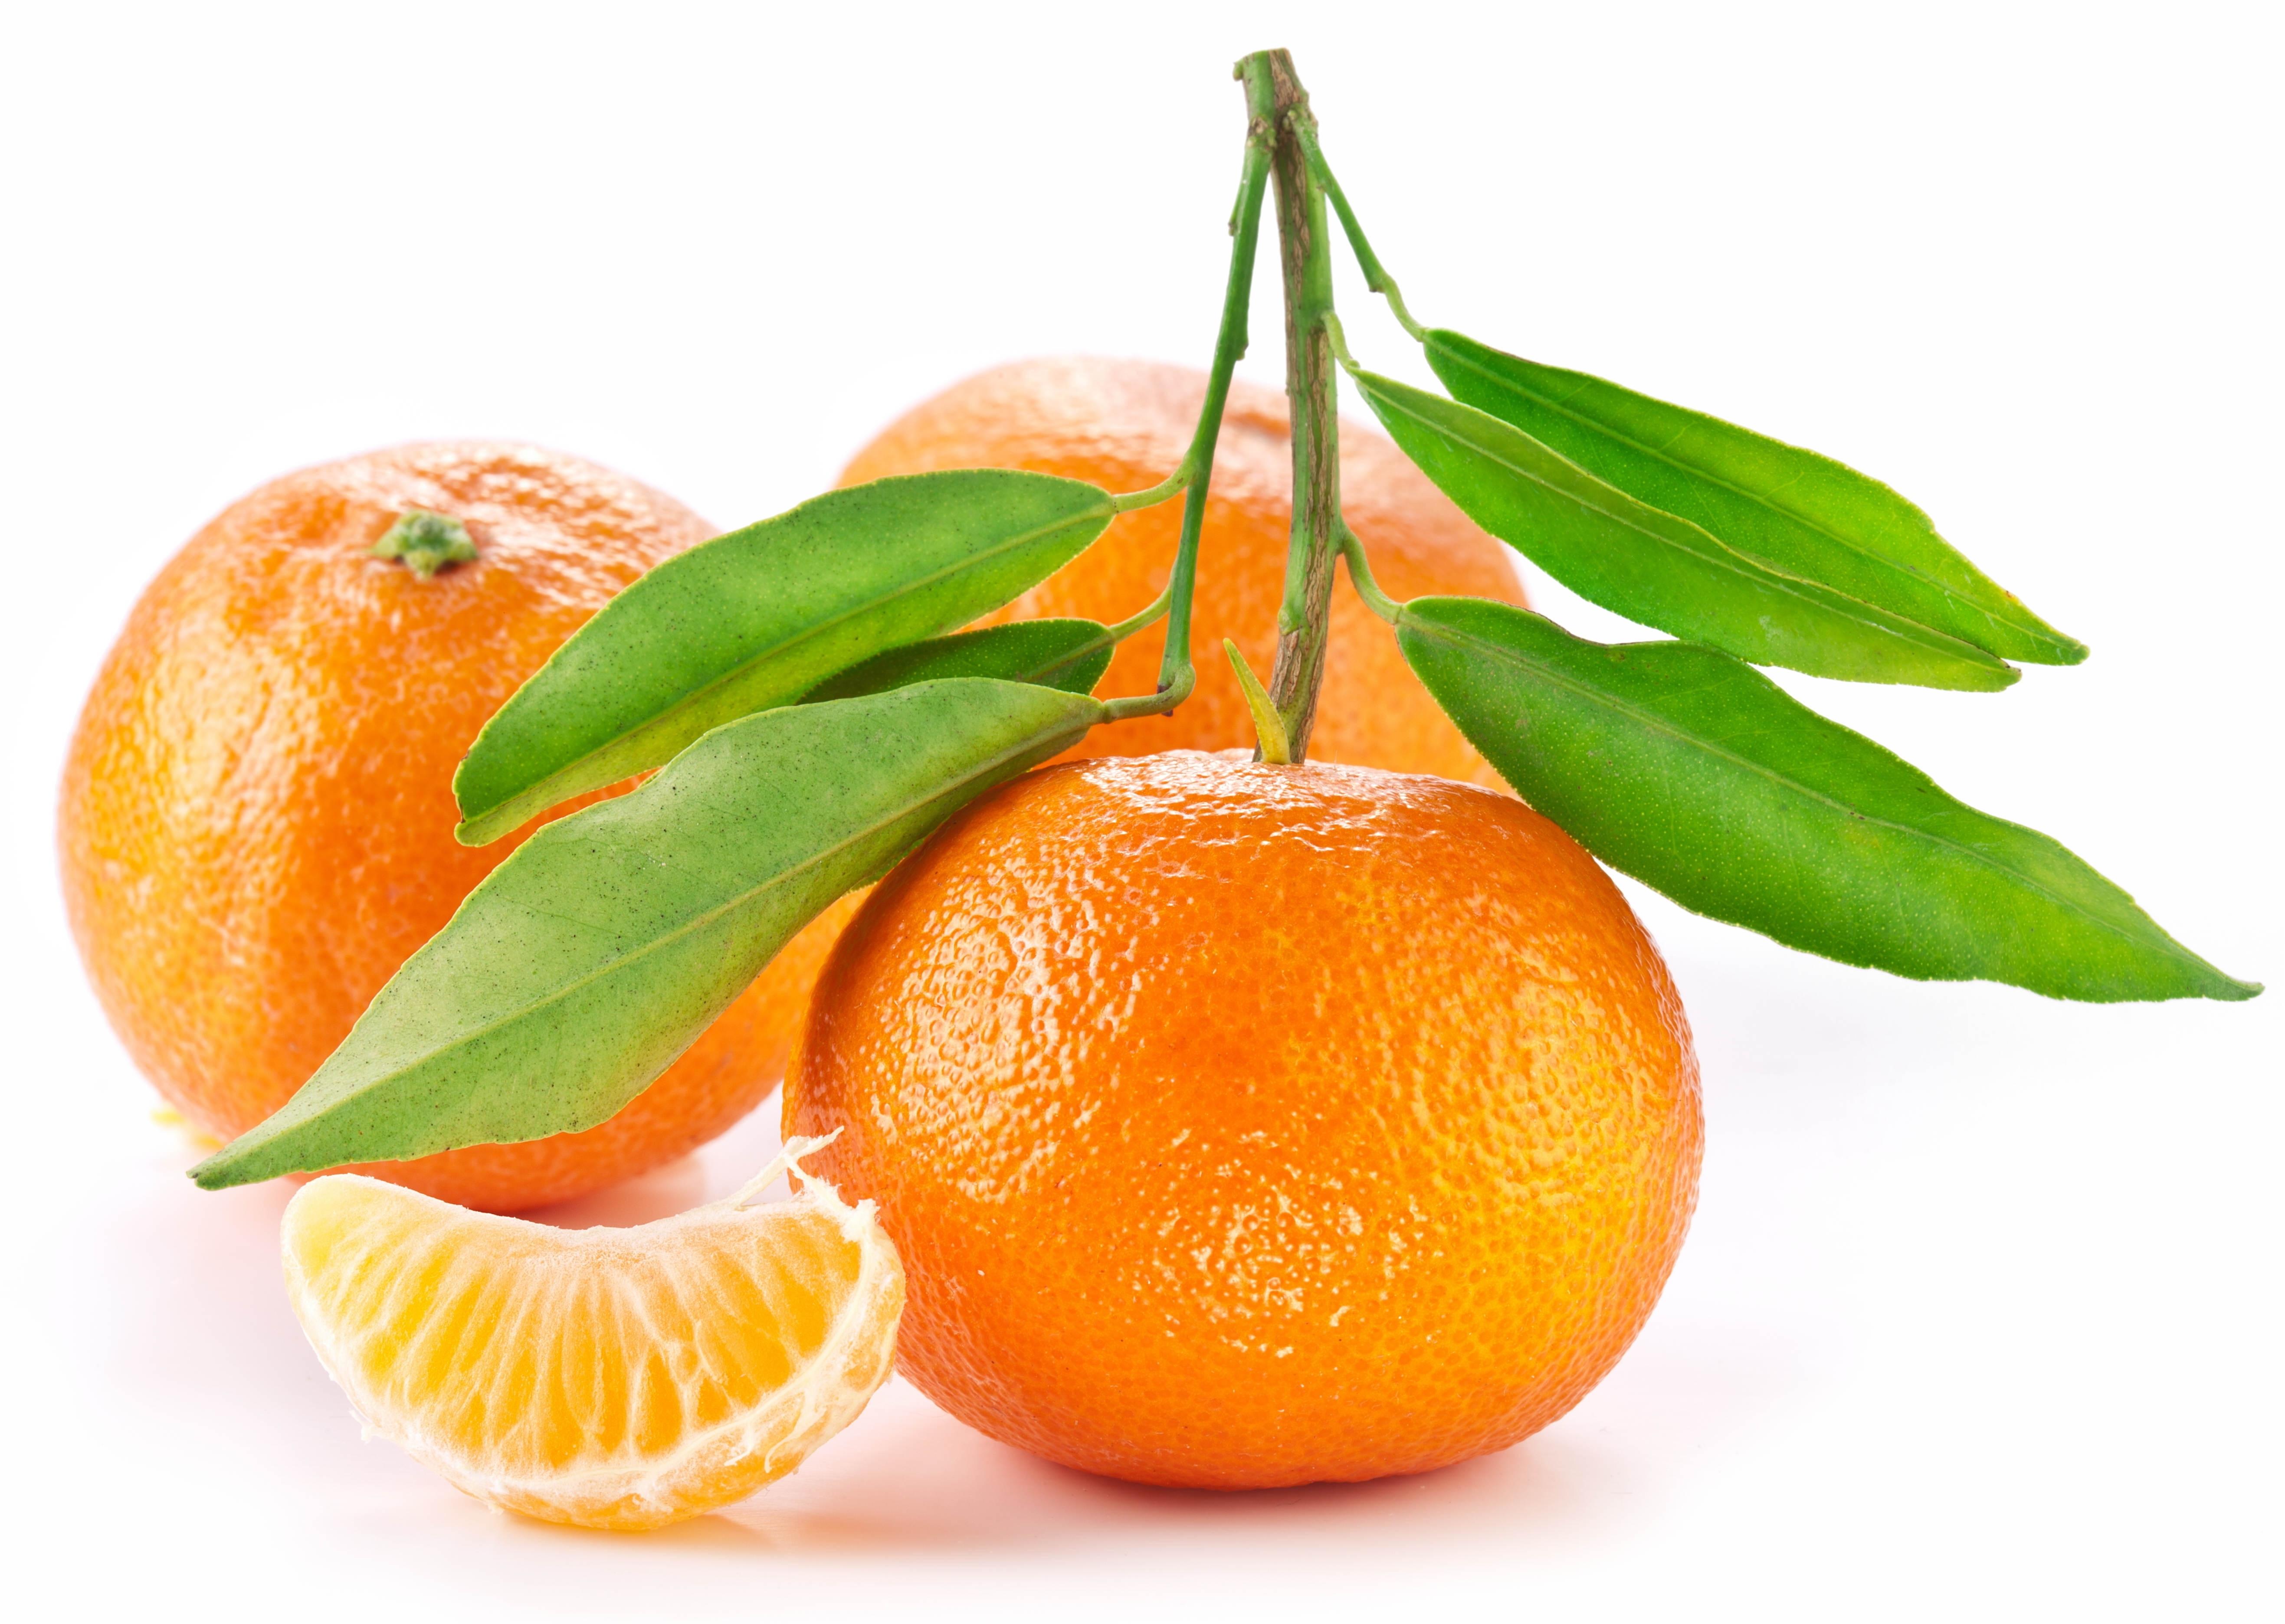 orange fruit with leaf hd